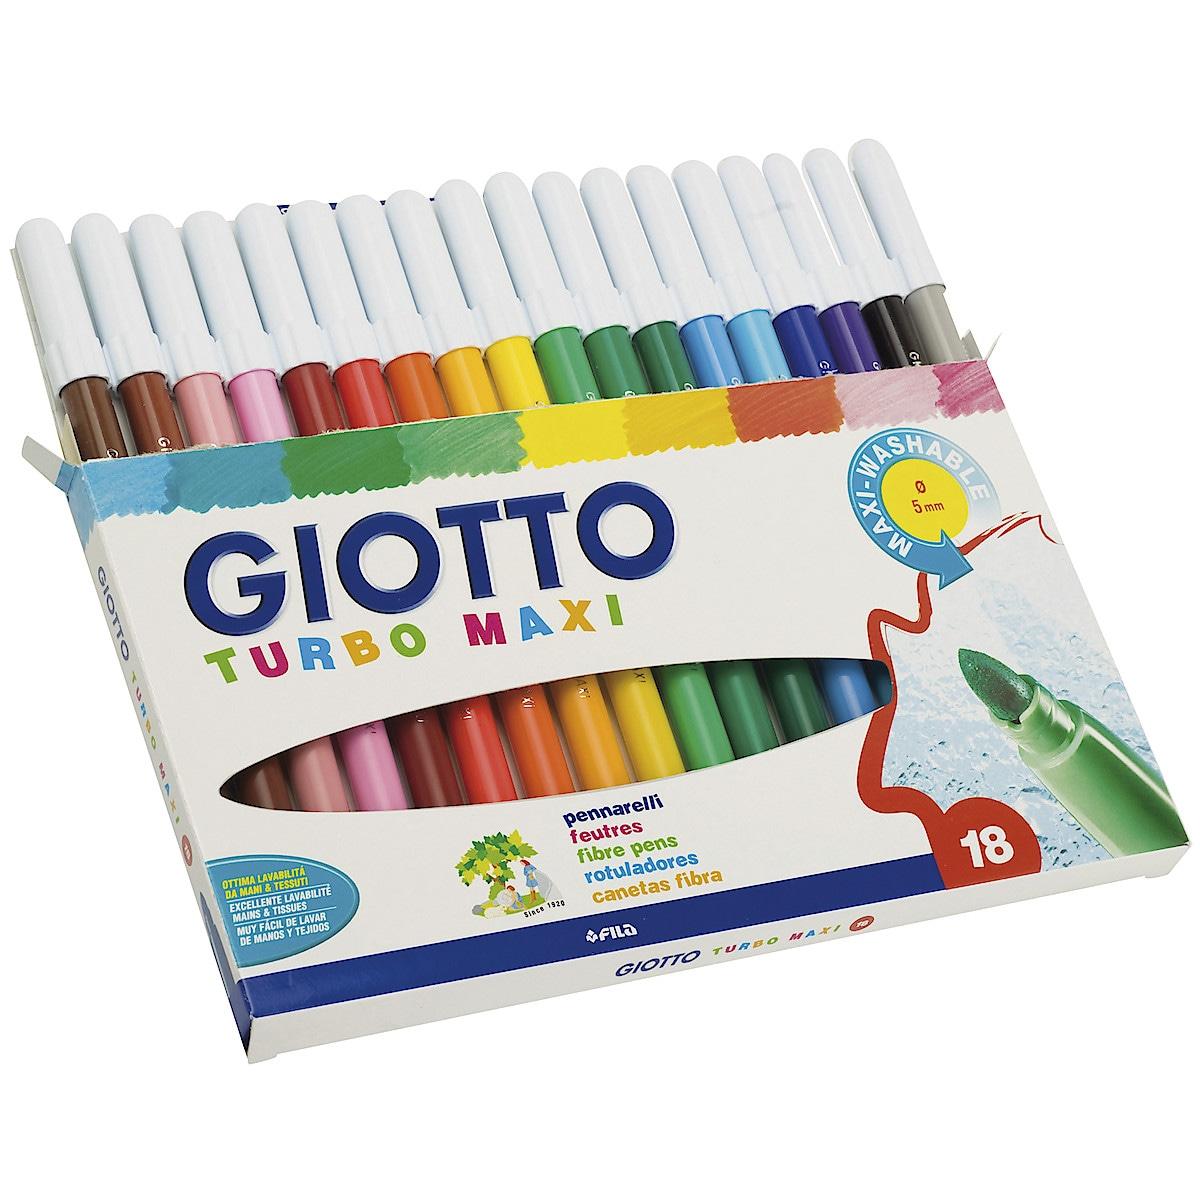 Giotto Turbo Maxi fiberpenner